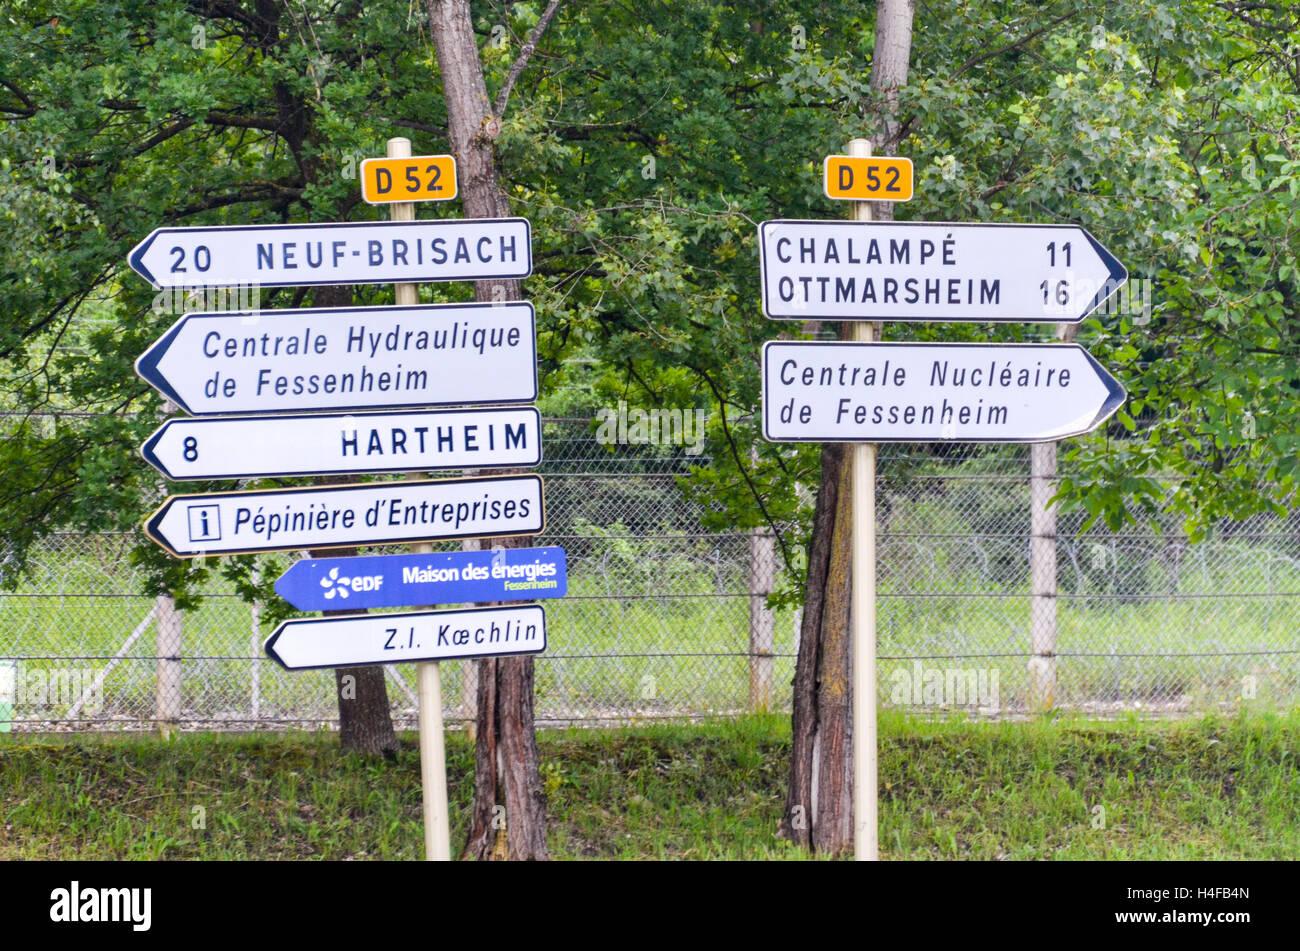 Señal de carretera a la planta de energía nuclear de Fessenheim, Francia Foto de stock